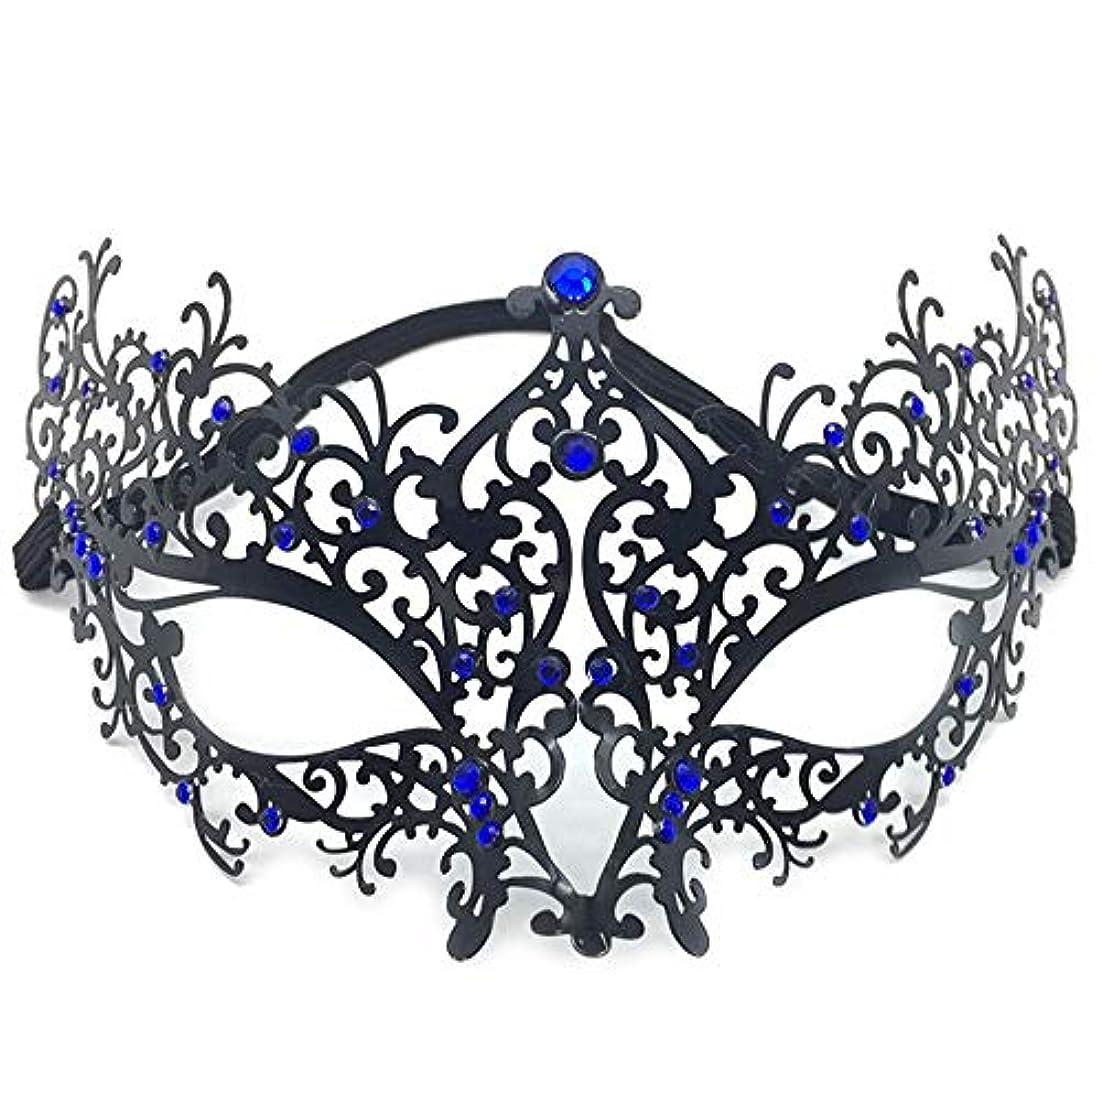 必要としているキルト時計仮面舞踏会アイアンマスクパーティーCOSはメタリックダイヤモンドハーフフェイスハロウィンアイアンマスクをドレスアップ (Color : C)